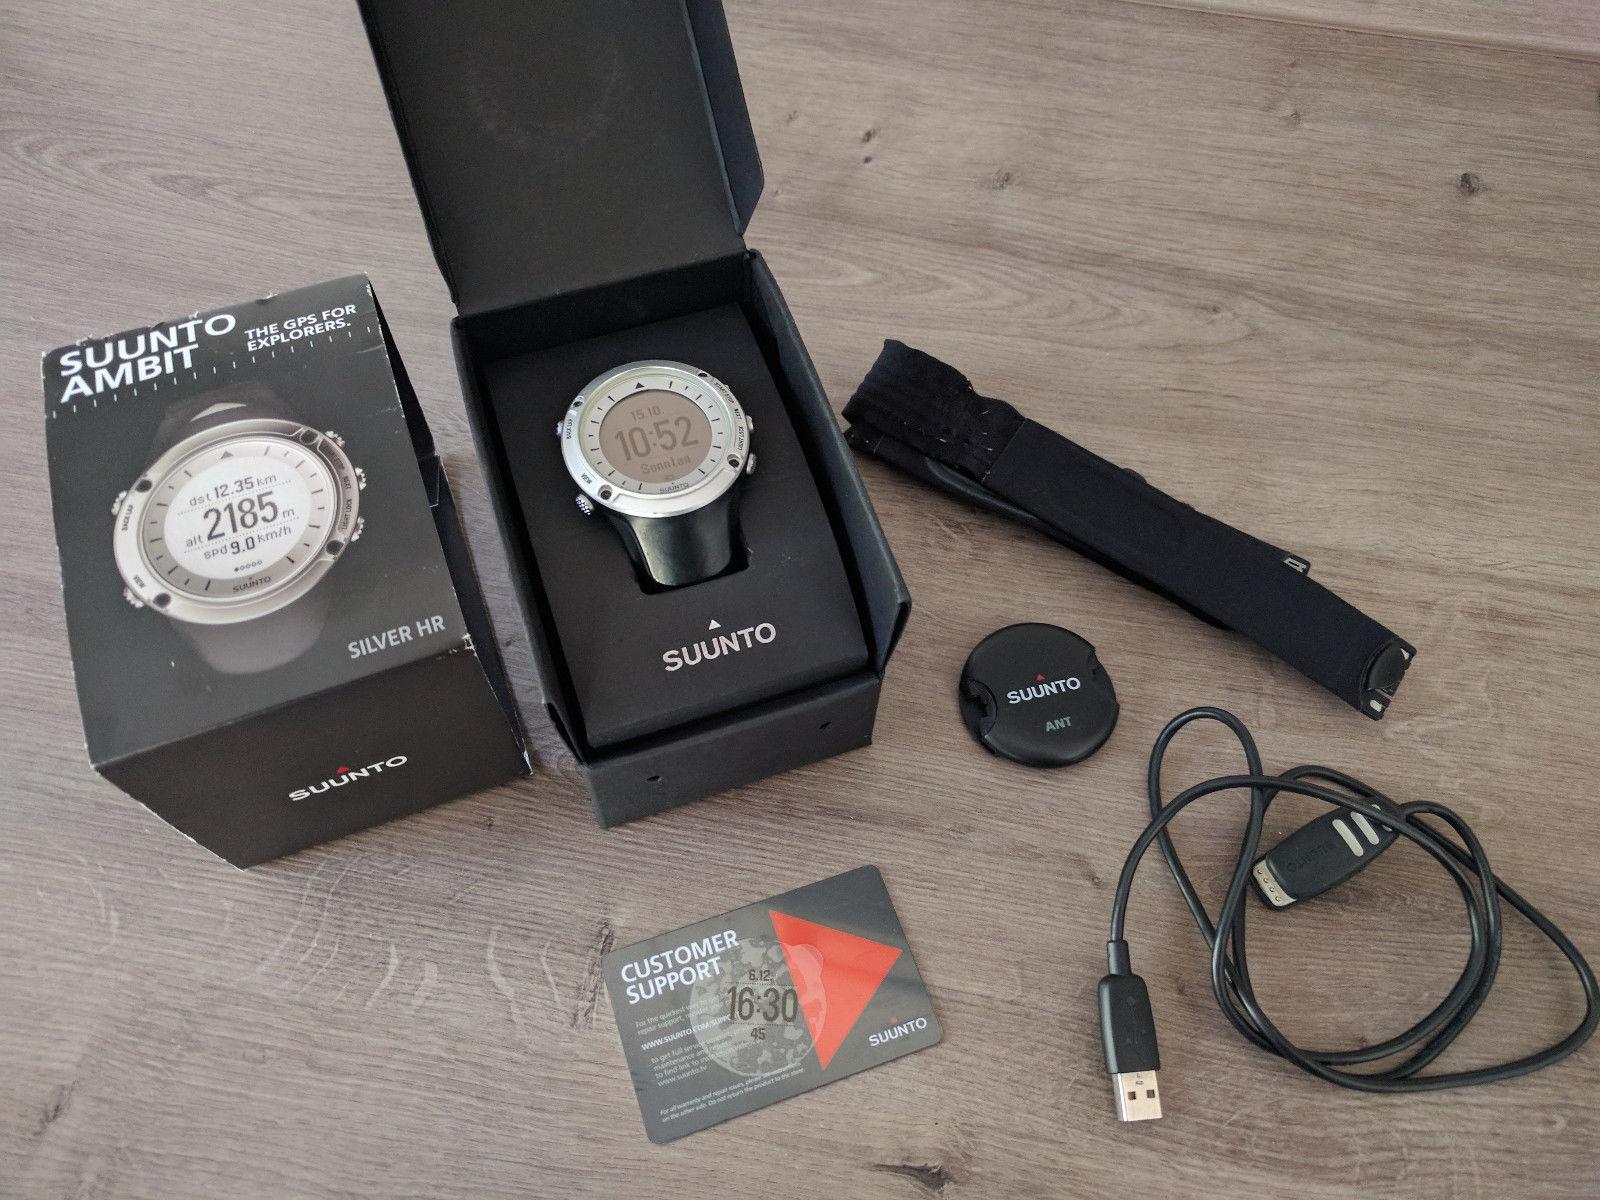 Suunto Ambit silver HR GPS Uhr Sportuhr Laufuhr Navigation Wandern